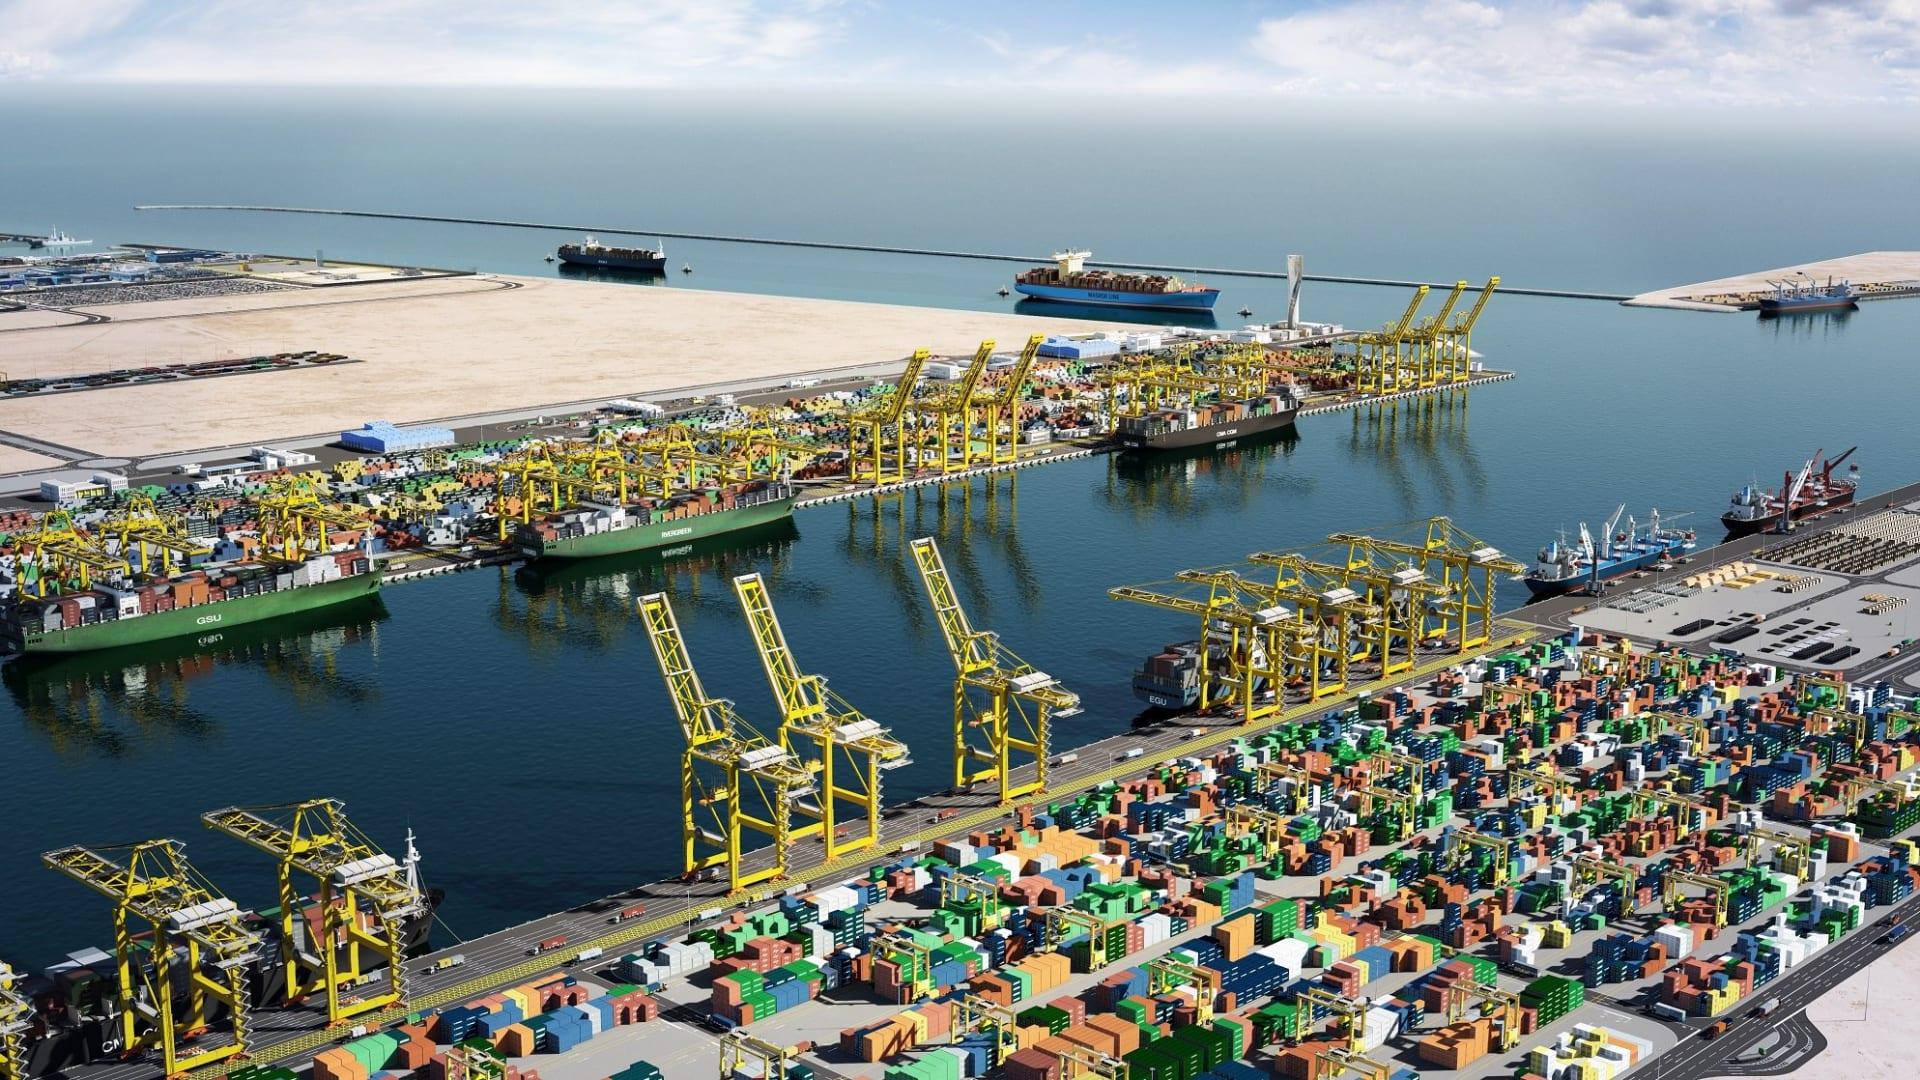 وسط تأكيد الدوحة عدم تأثر الملاحة بقطع العلاقات.. قطر تدشن 3 خطوط ملاحية جديدة في أسبوع